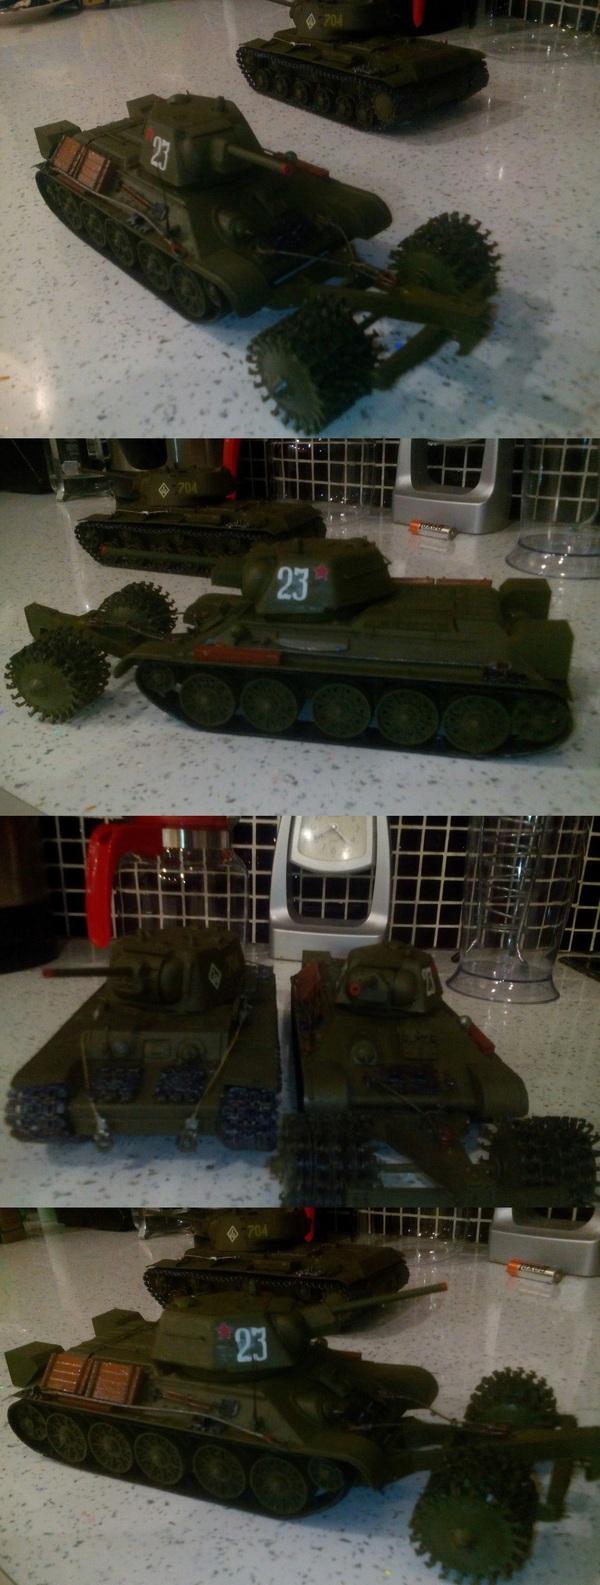 Т 34-76 с минным тралом Модели, Моделизм, Танки, т-34, Длиннопост